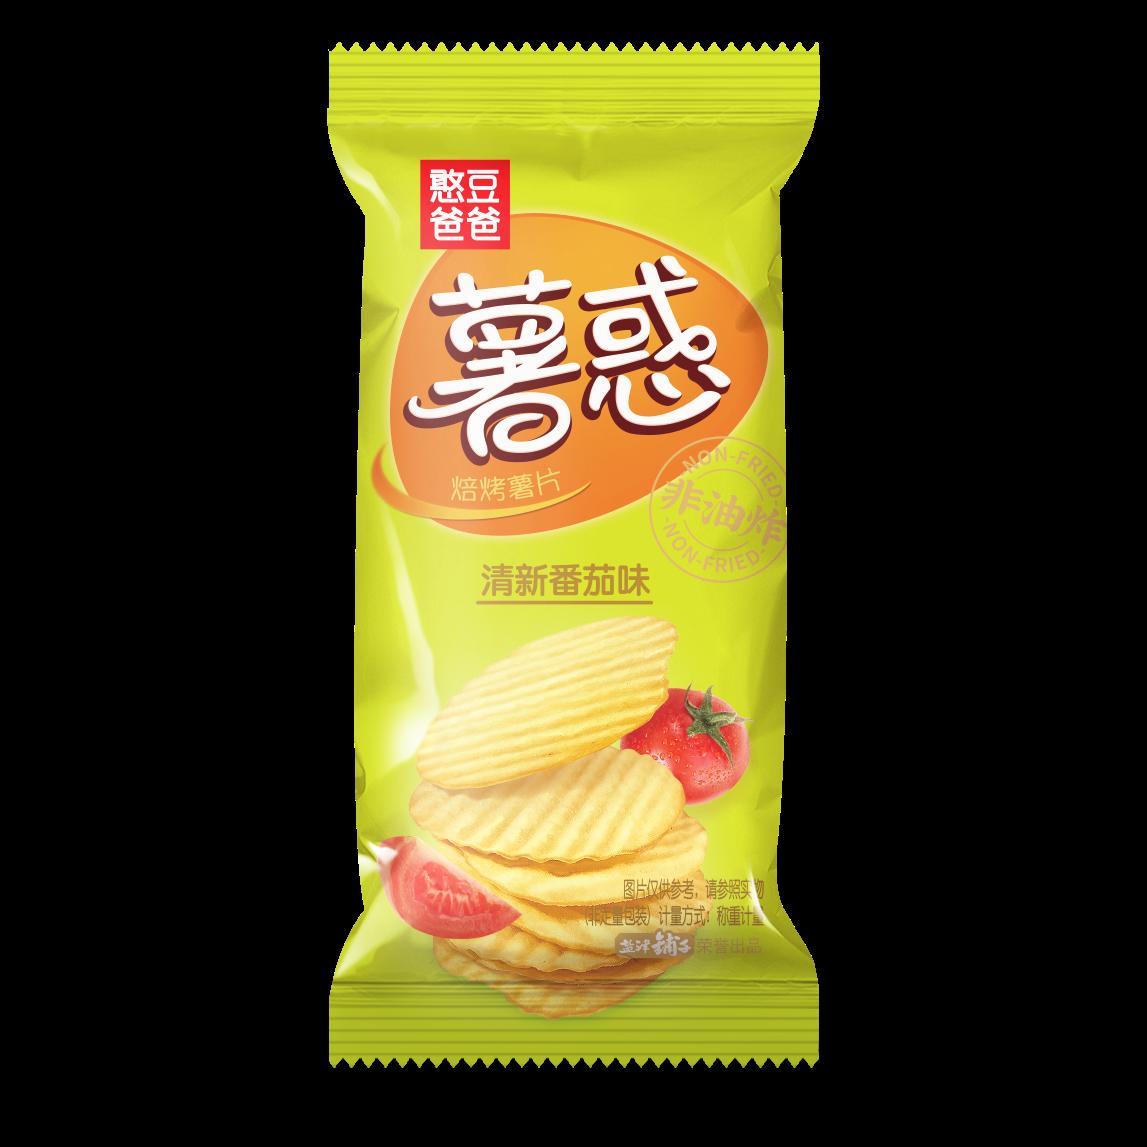 薯惑焙烤薯片(清新番茄味)